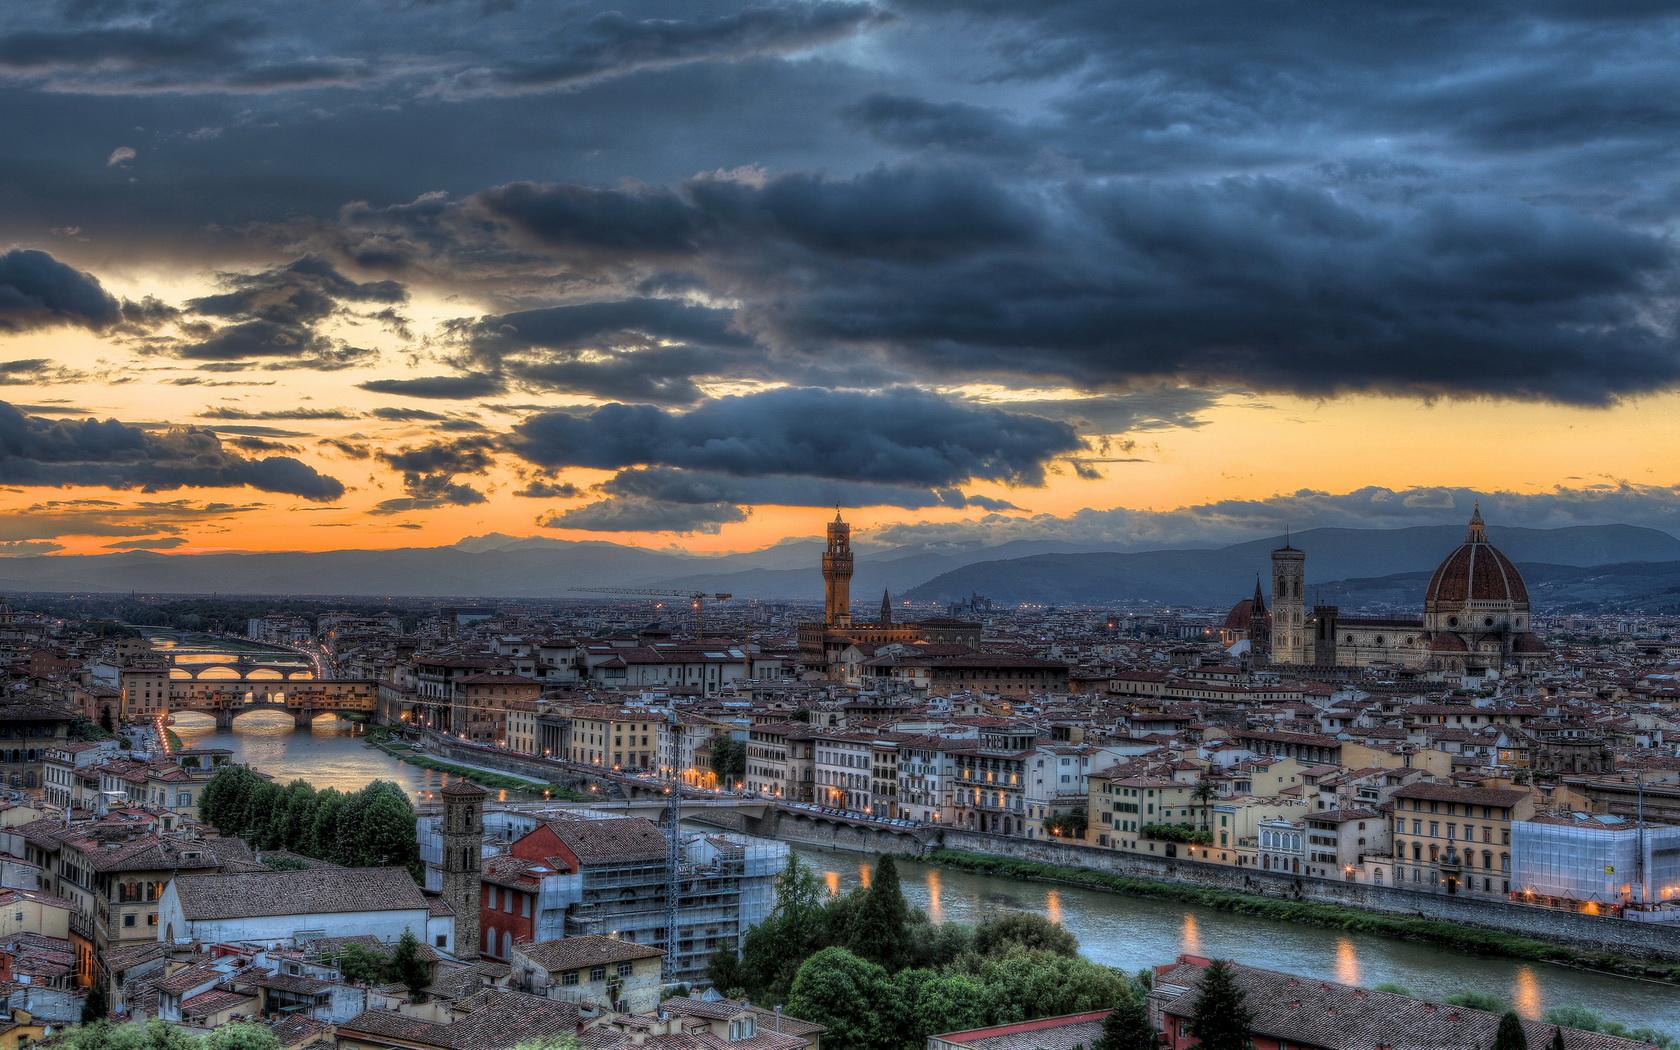 City Florence Renaissance Italy Tuscany wallpaper 1680x1050 122402 1680x1050